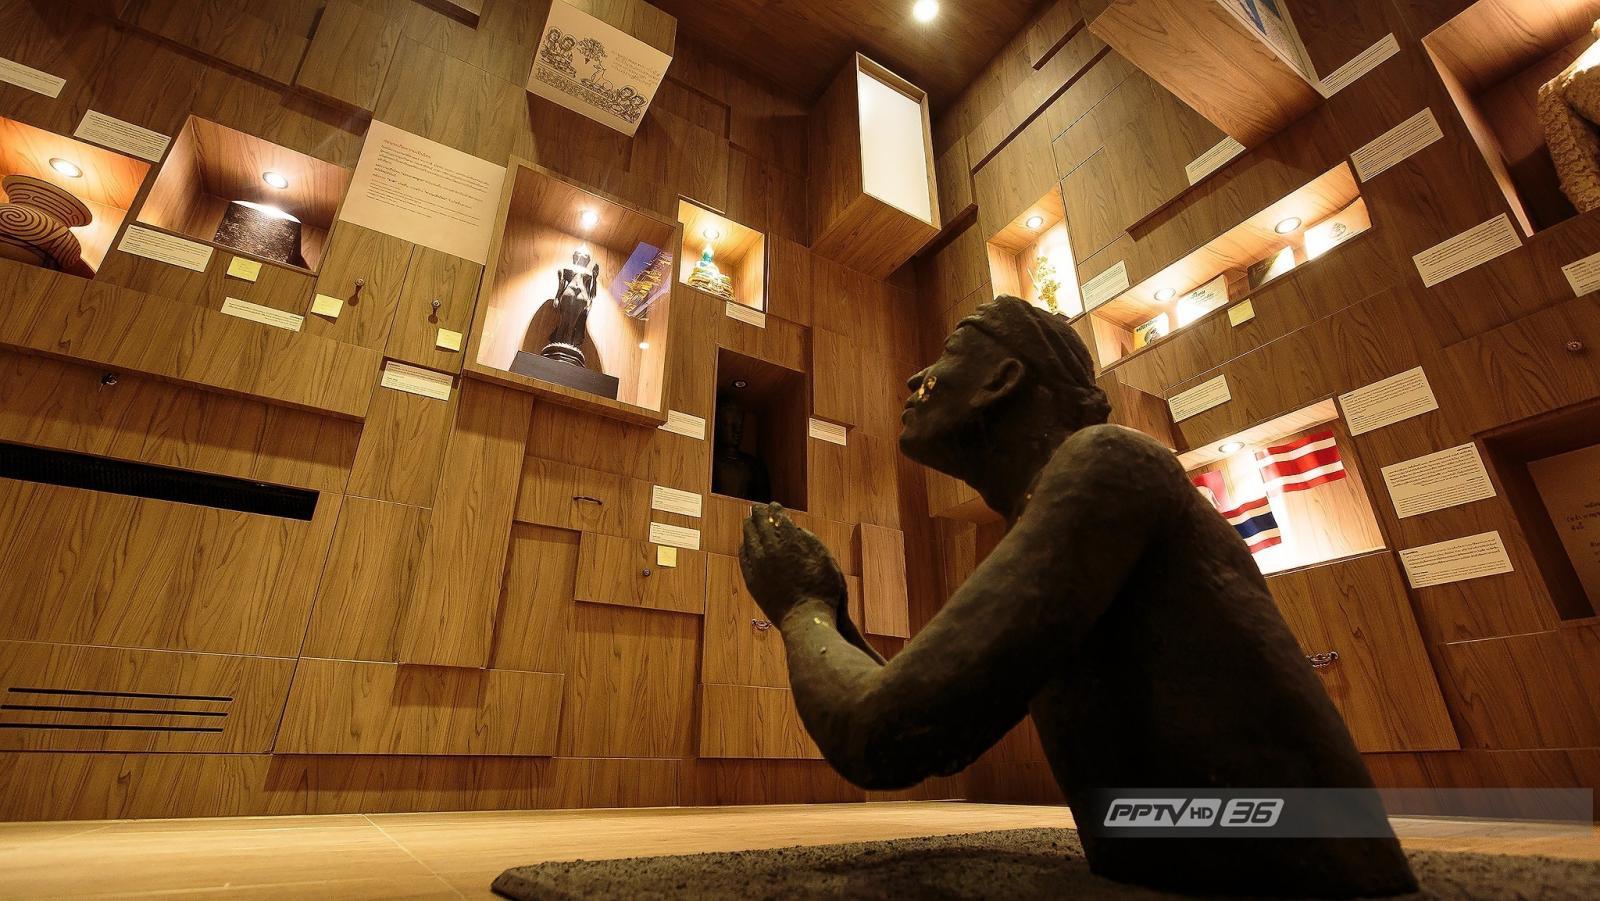 """มิวเซียมสยามเตรียมเปิดนิทรรศการถาวรชุดใหม่ """"ถอดรหัสไทย"""""""